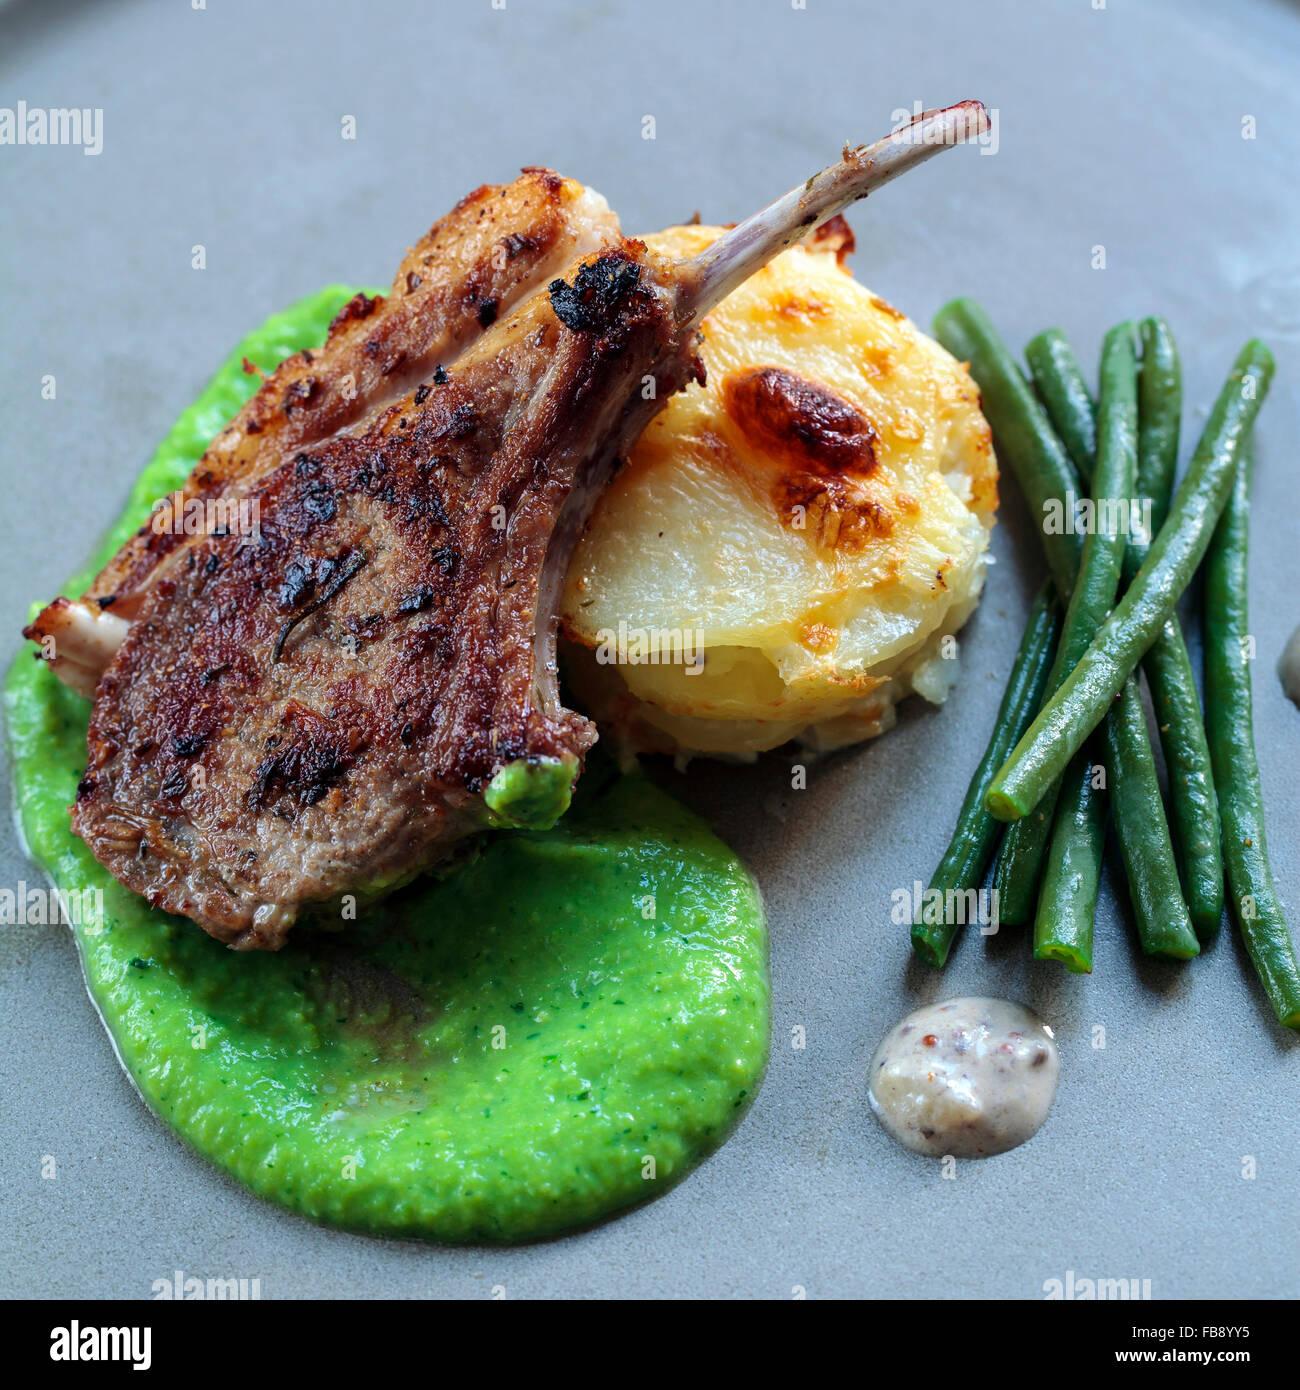 Lammkotelett mit Erbsen-Püree und Dauphinoise Kartoffeln Stockbild